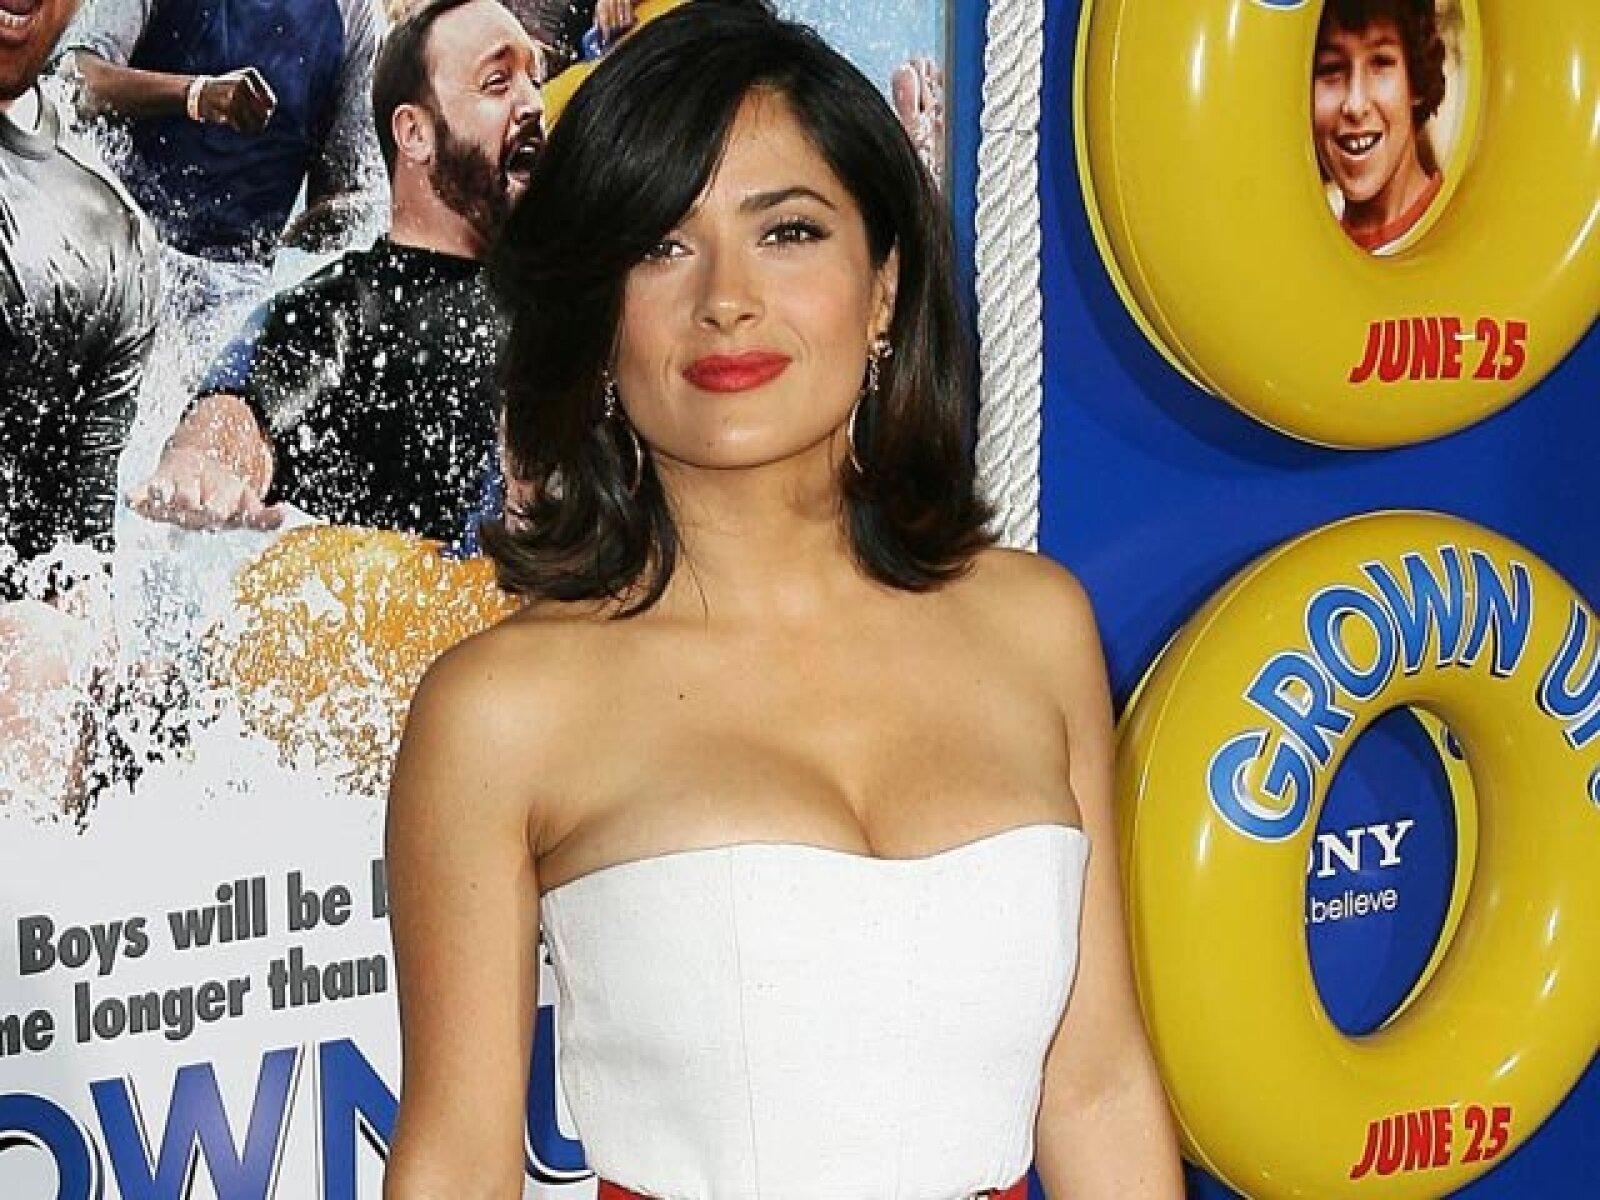 Salma Hayek. La actriz veracruzana estudió Relaciones Internacionales en la Universidad Iberoamericana.